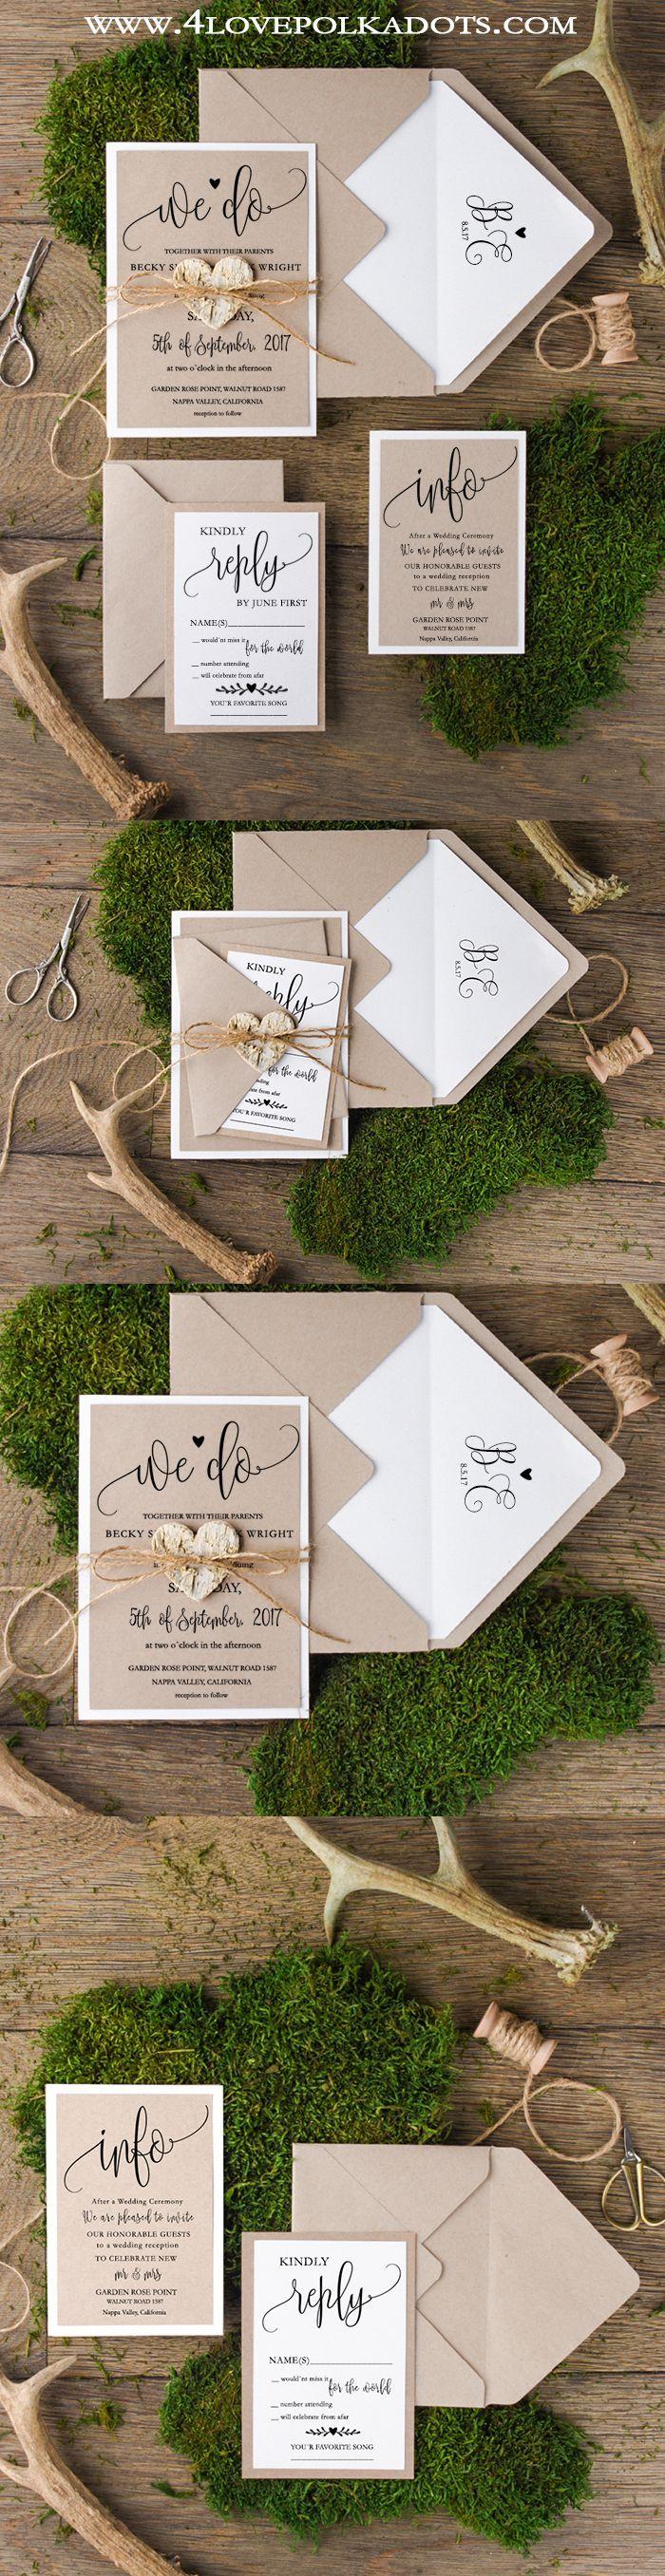 Rustic Wedding Invitaciones para boda estilo rústico/ Rustic Wedding Invitations #weddingideas #ideasparaboda